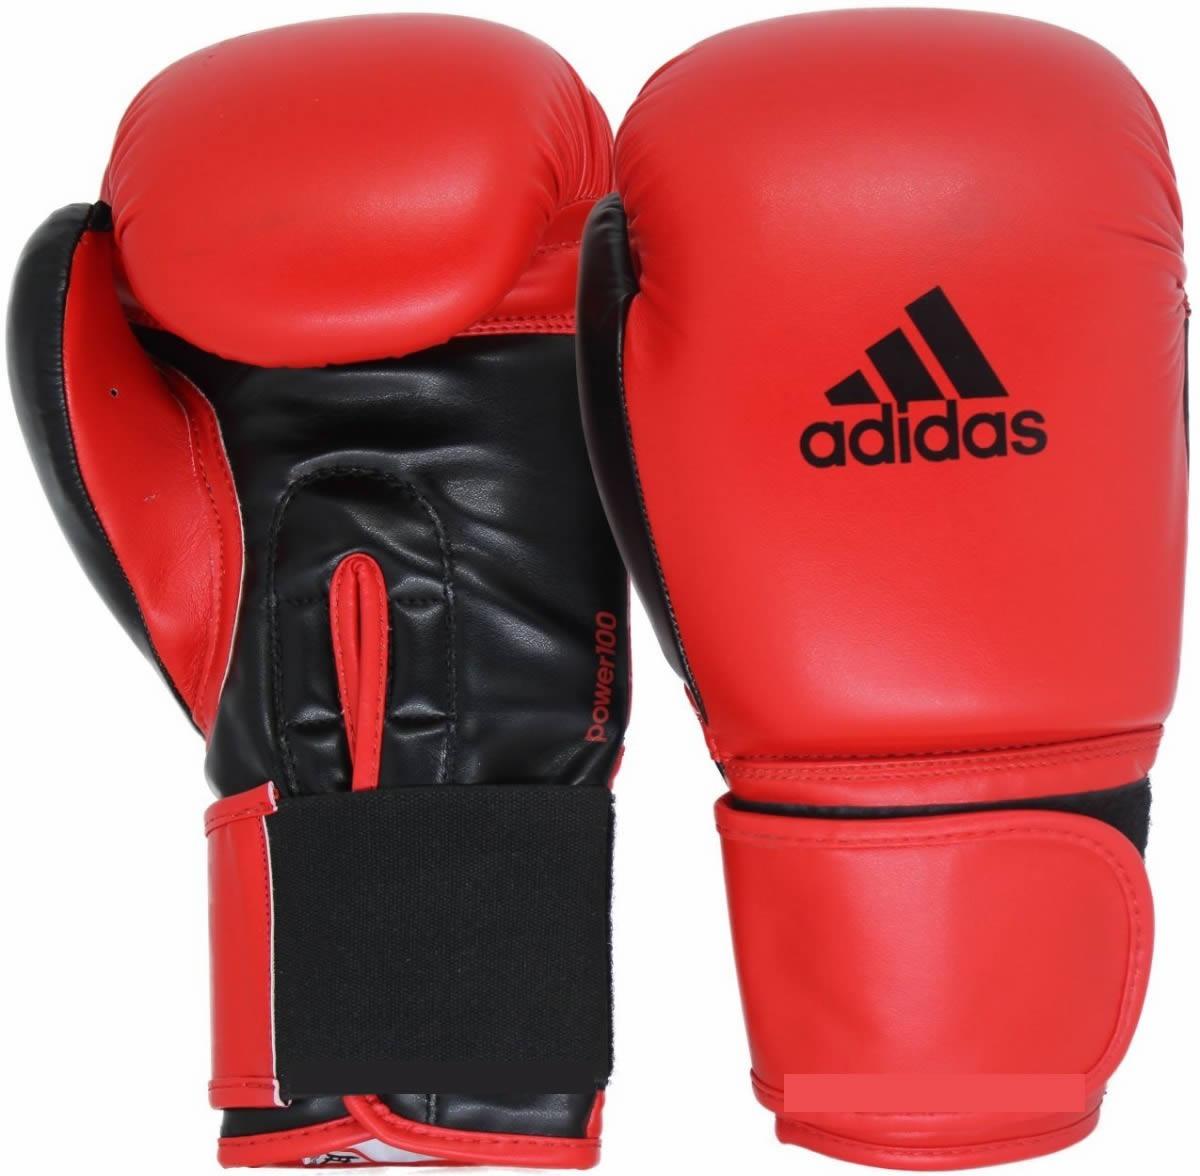 Kit Luvas Boxe Muay Thai - Adidas Power 100 - Preta / Verm - 12/14 OZ  - Loja do Competidor